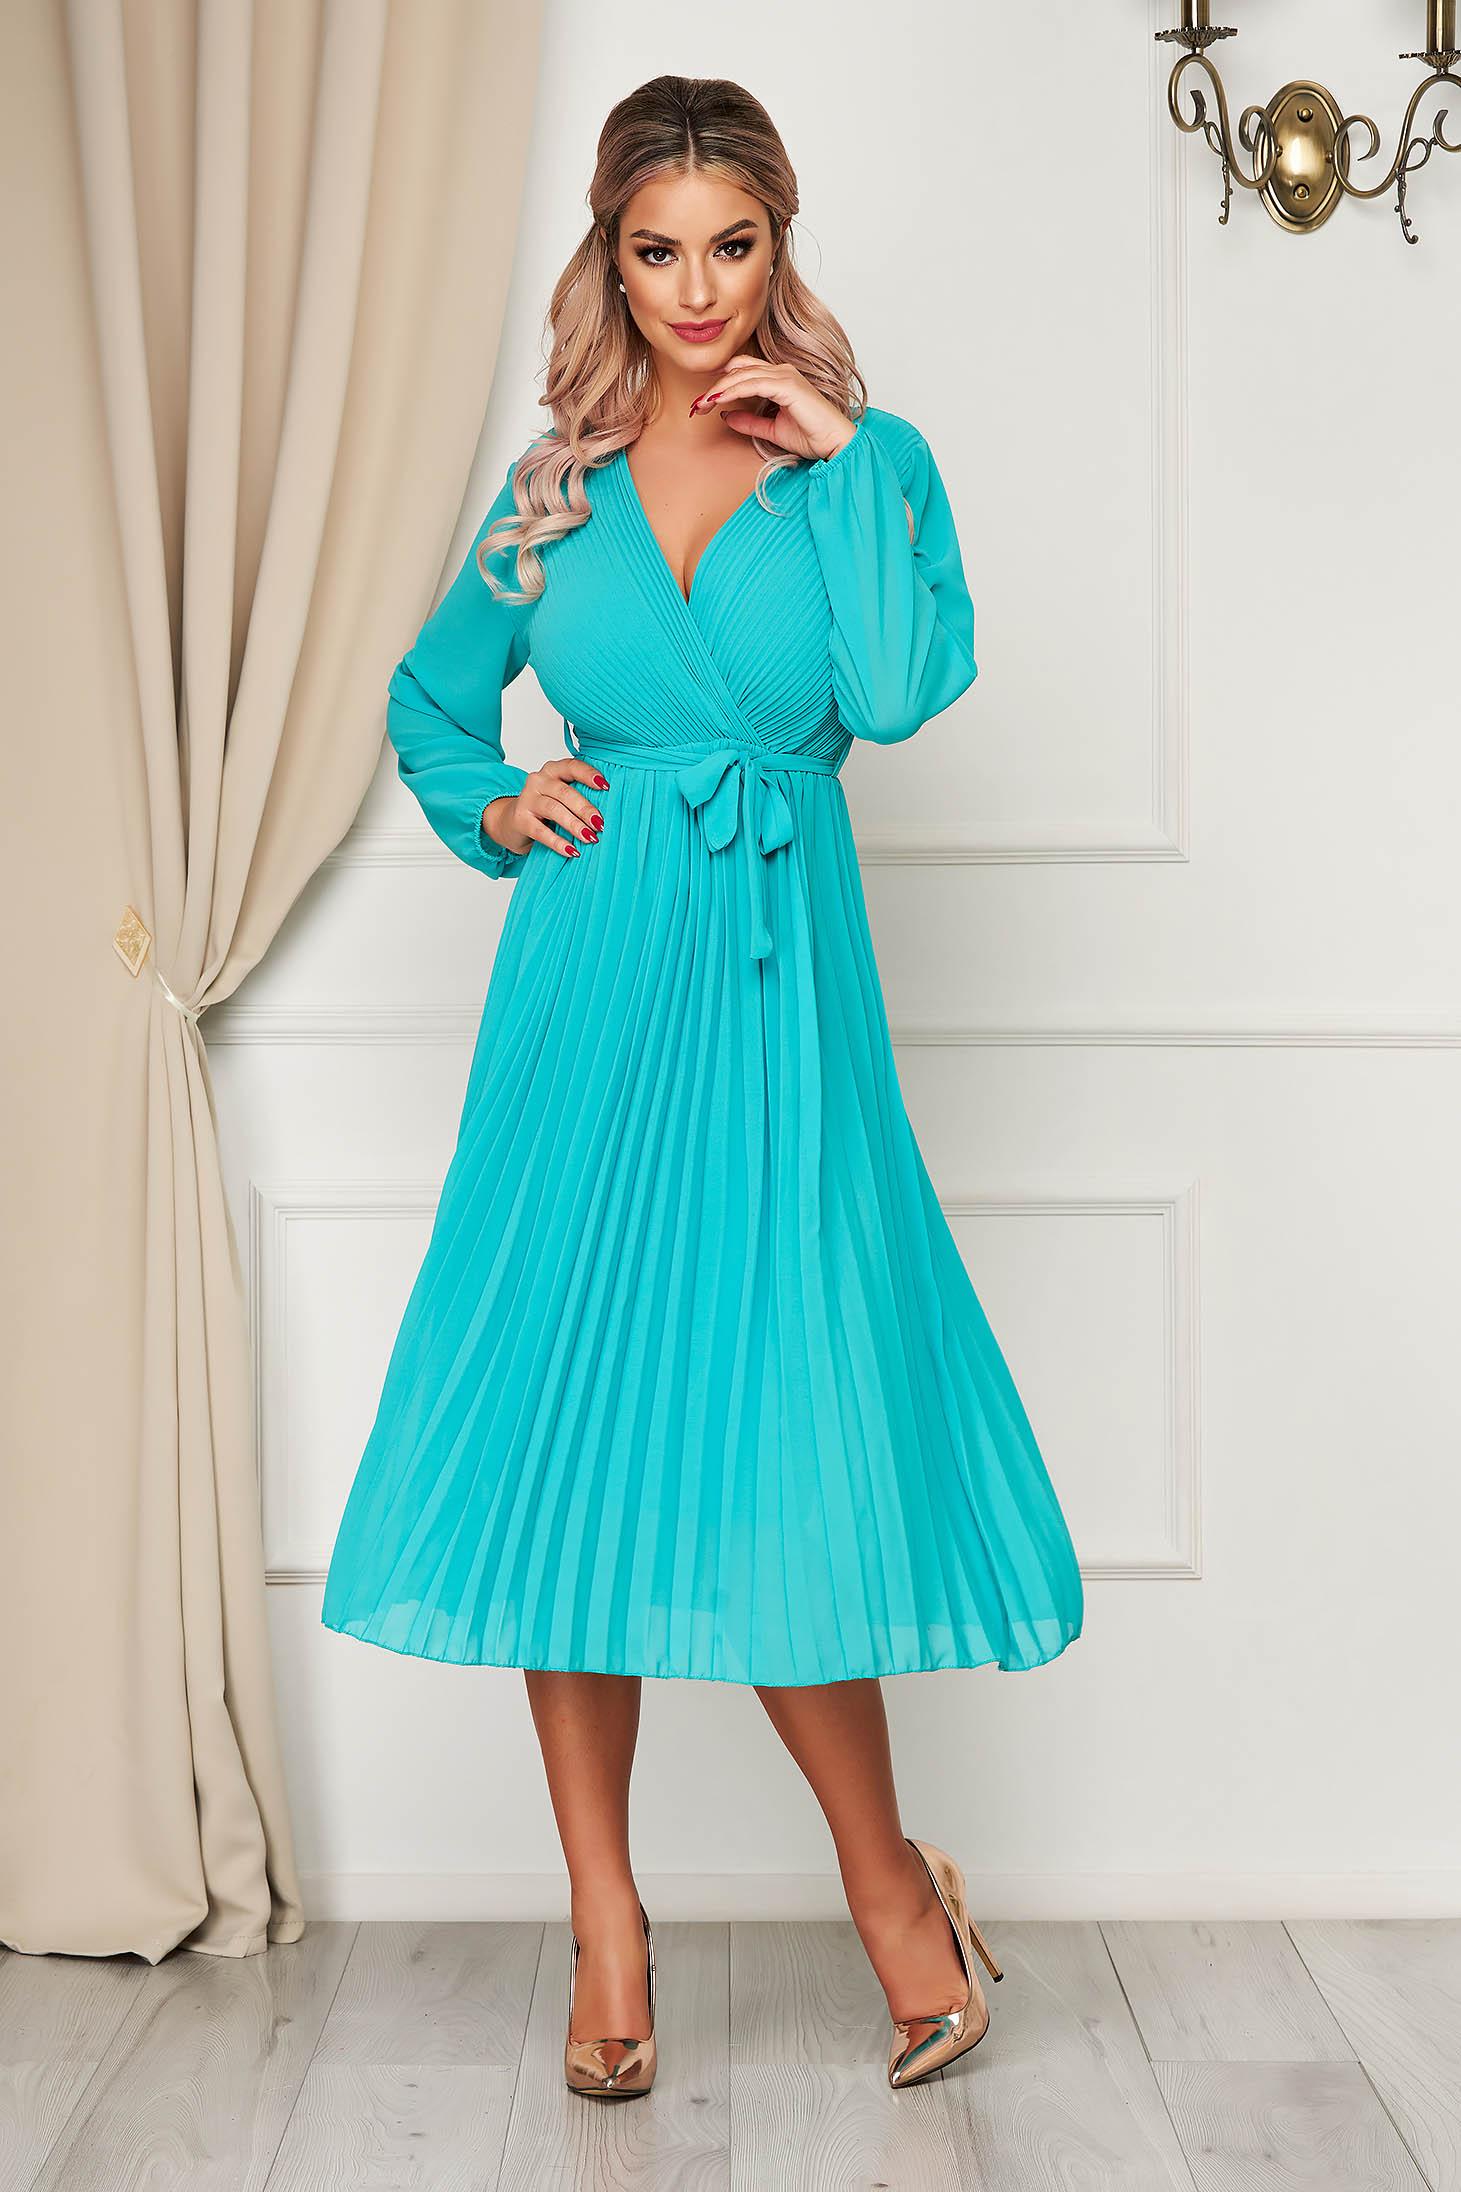 Rochie StarShinerS turcoaz eleganta midi clos cu elastic in talie cu decolteu din voal